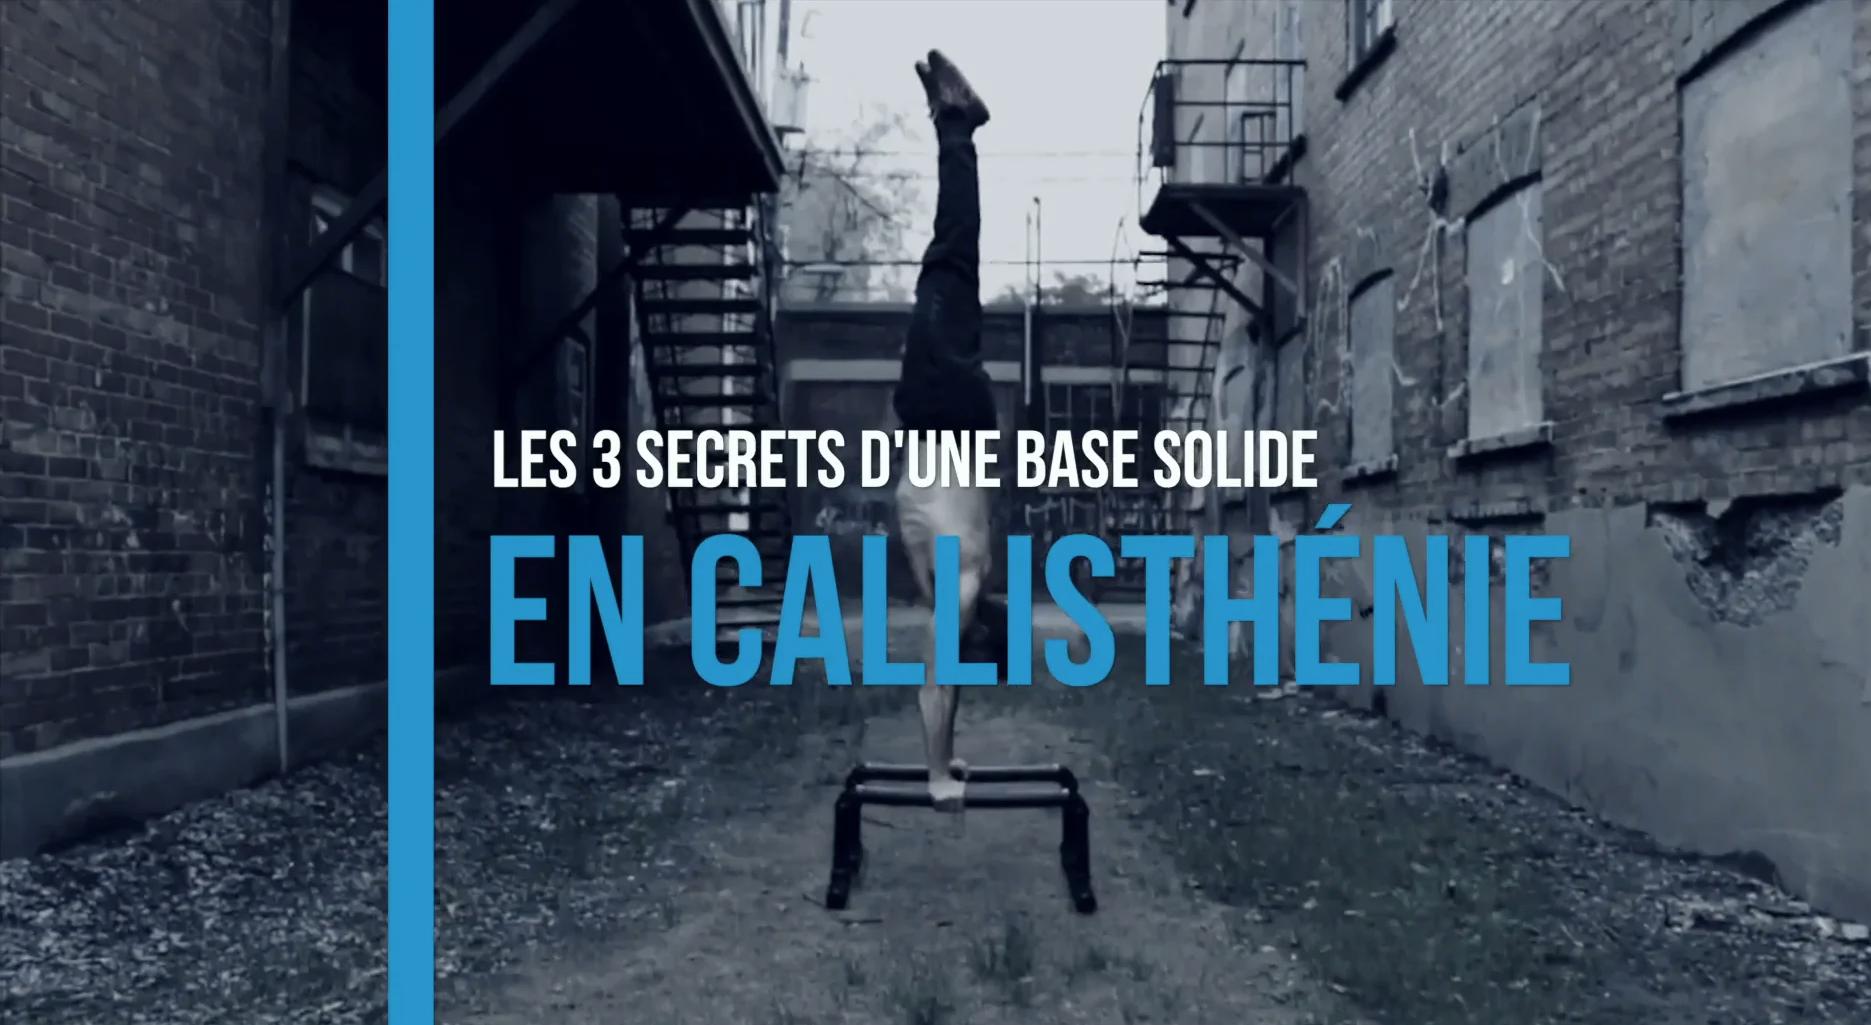 Les 3 secrets d'une base solide en callisthénie [Série vidéo gratuite]